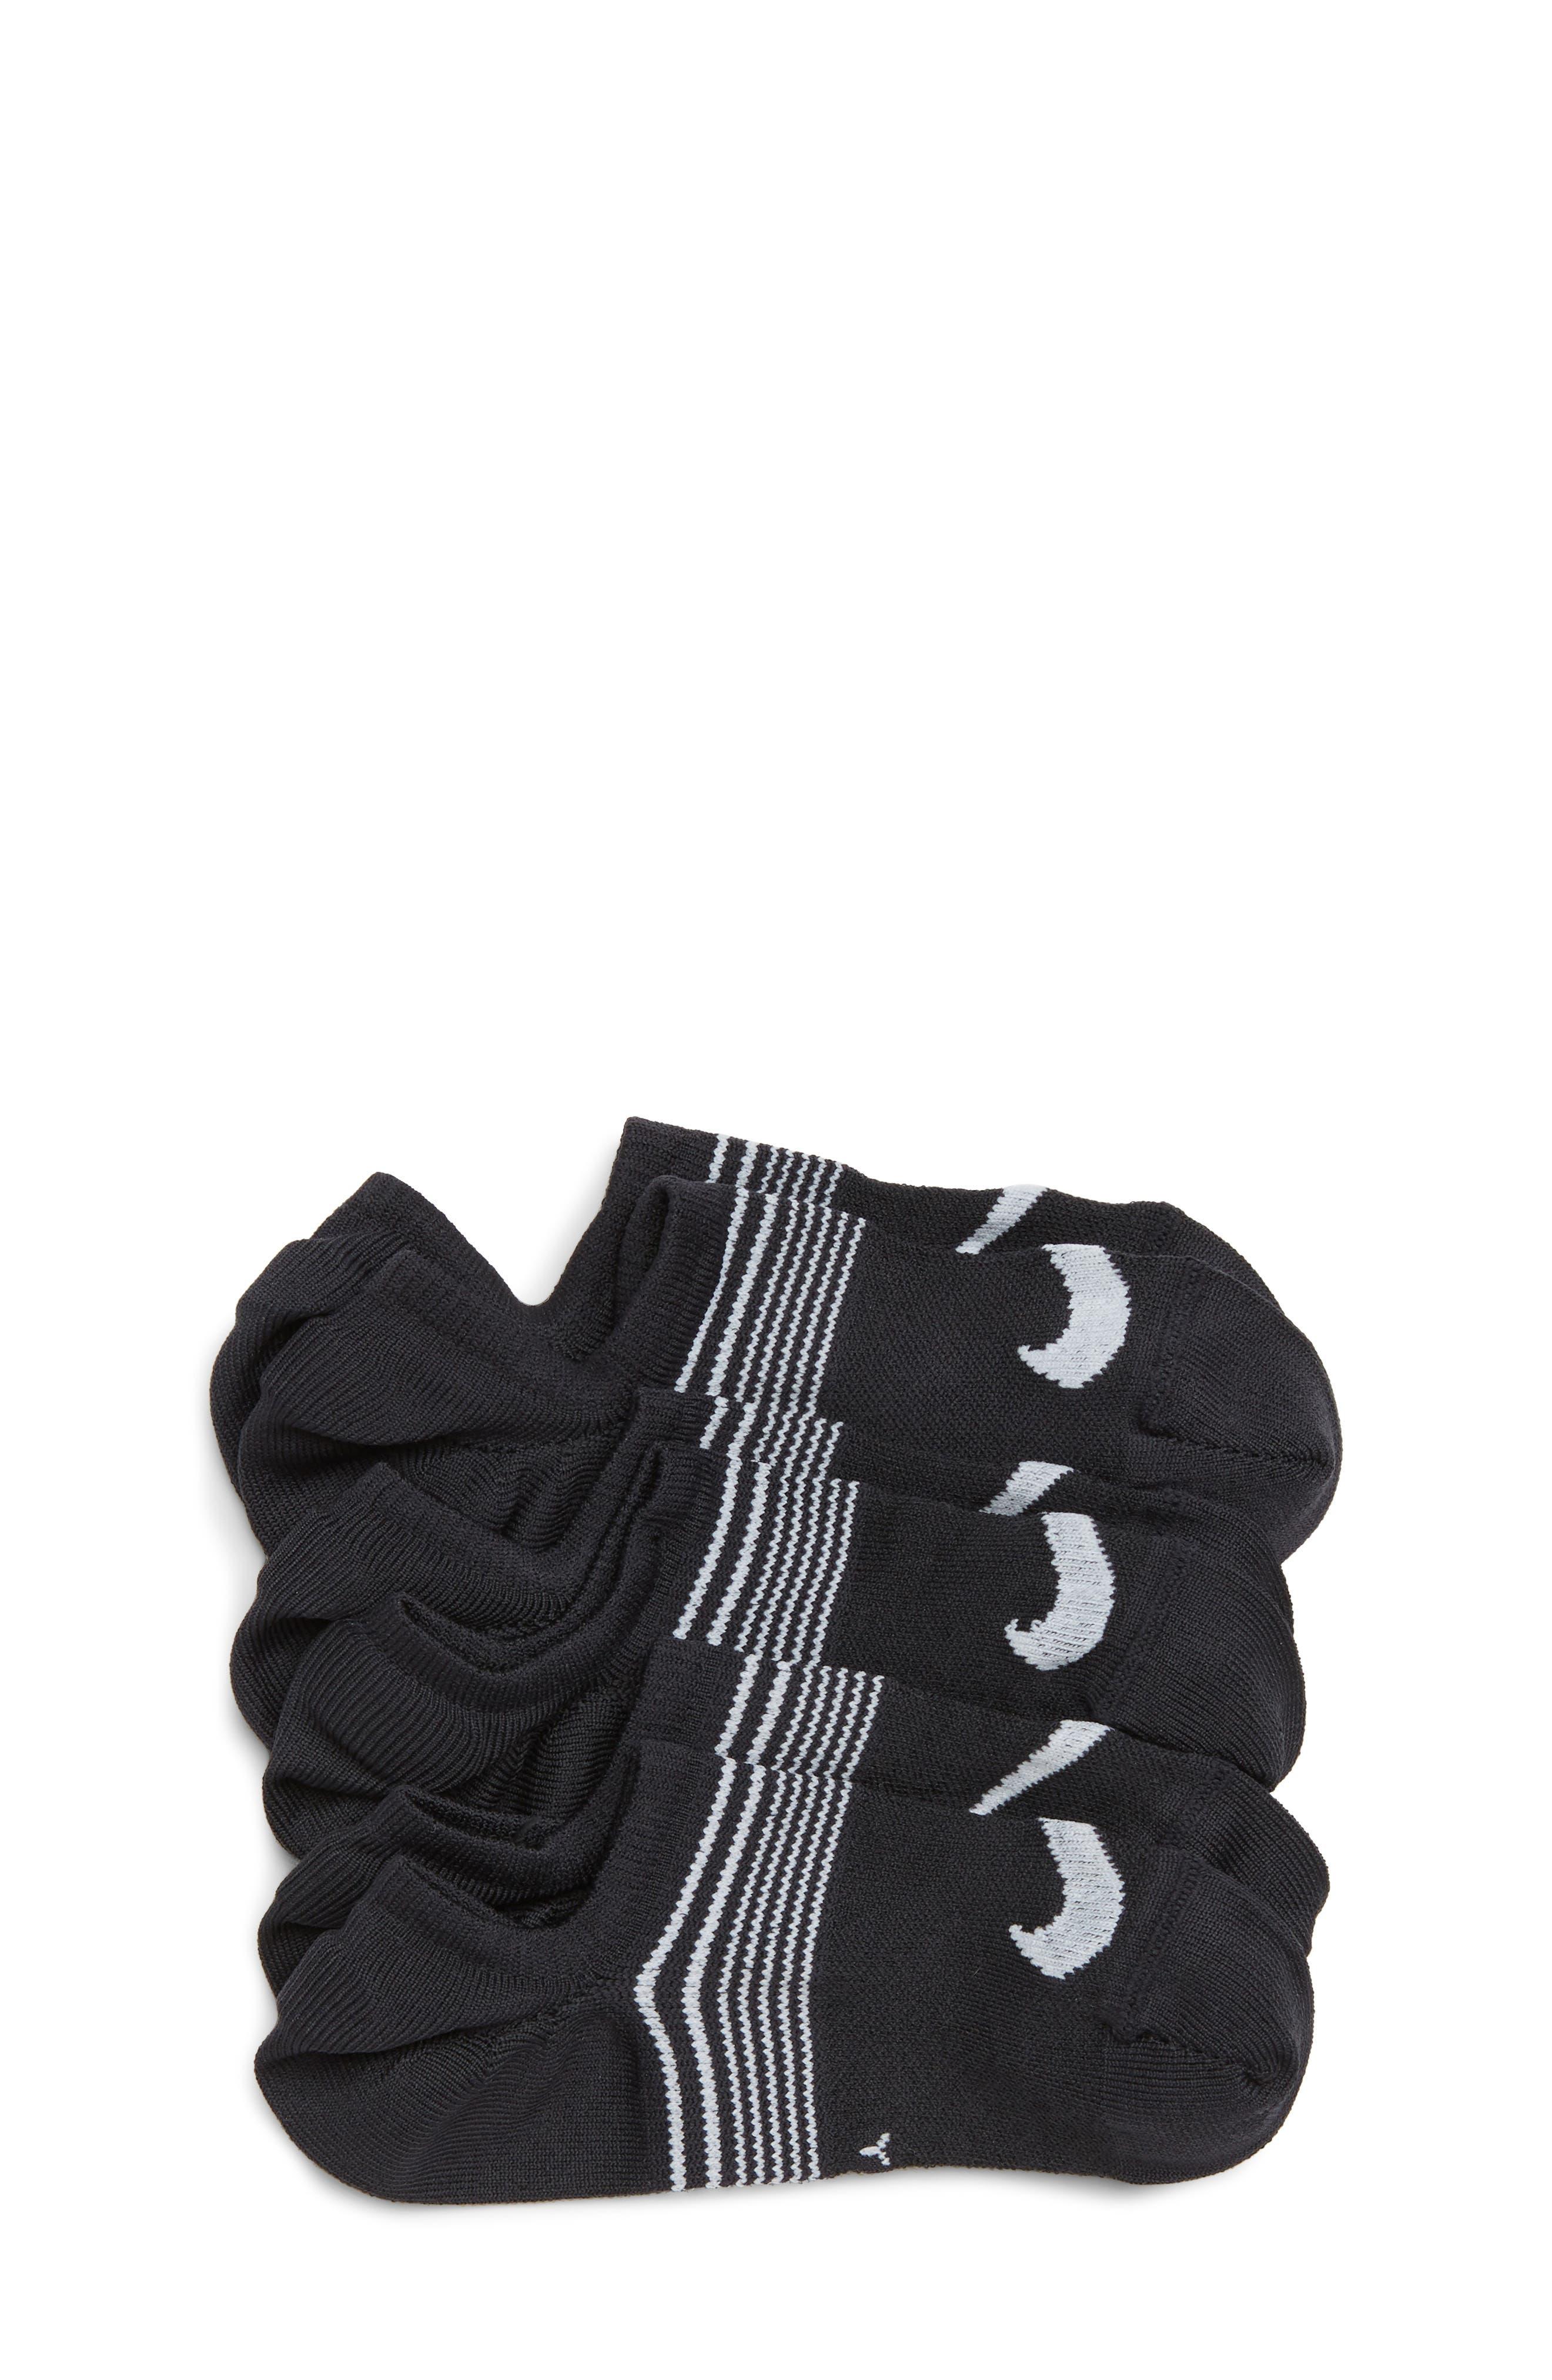 3-Pack No-Show Socks,                             Main thumbnail 1, color,                             BLACK/ WHITE